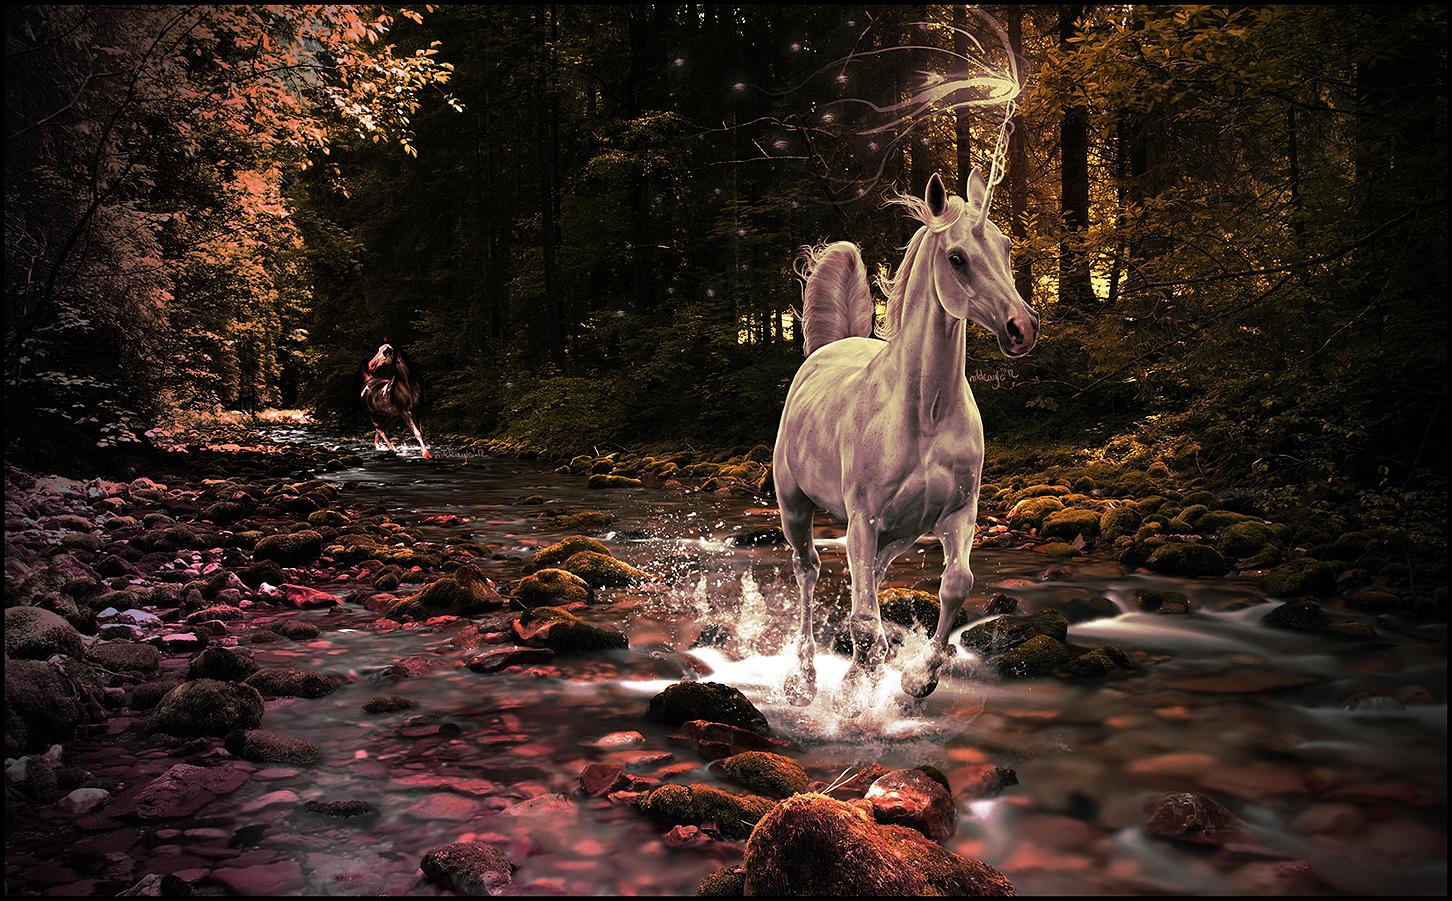 Starlight by Nikkayla